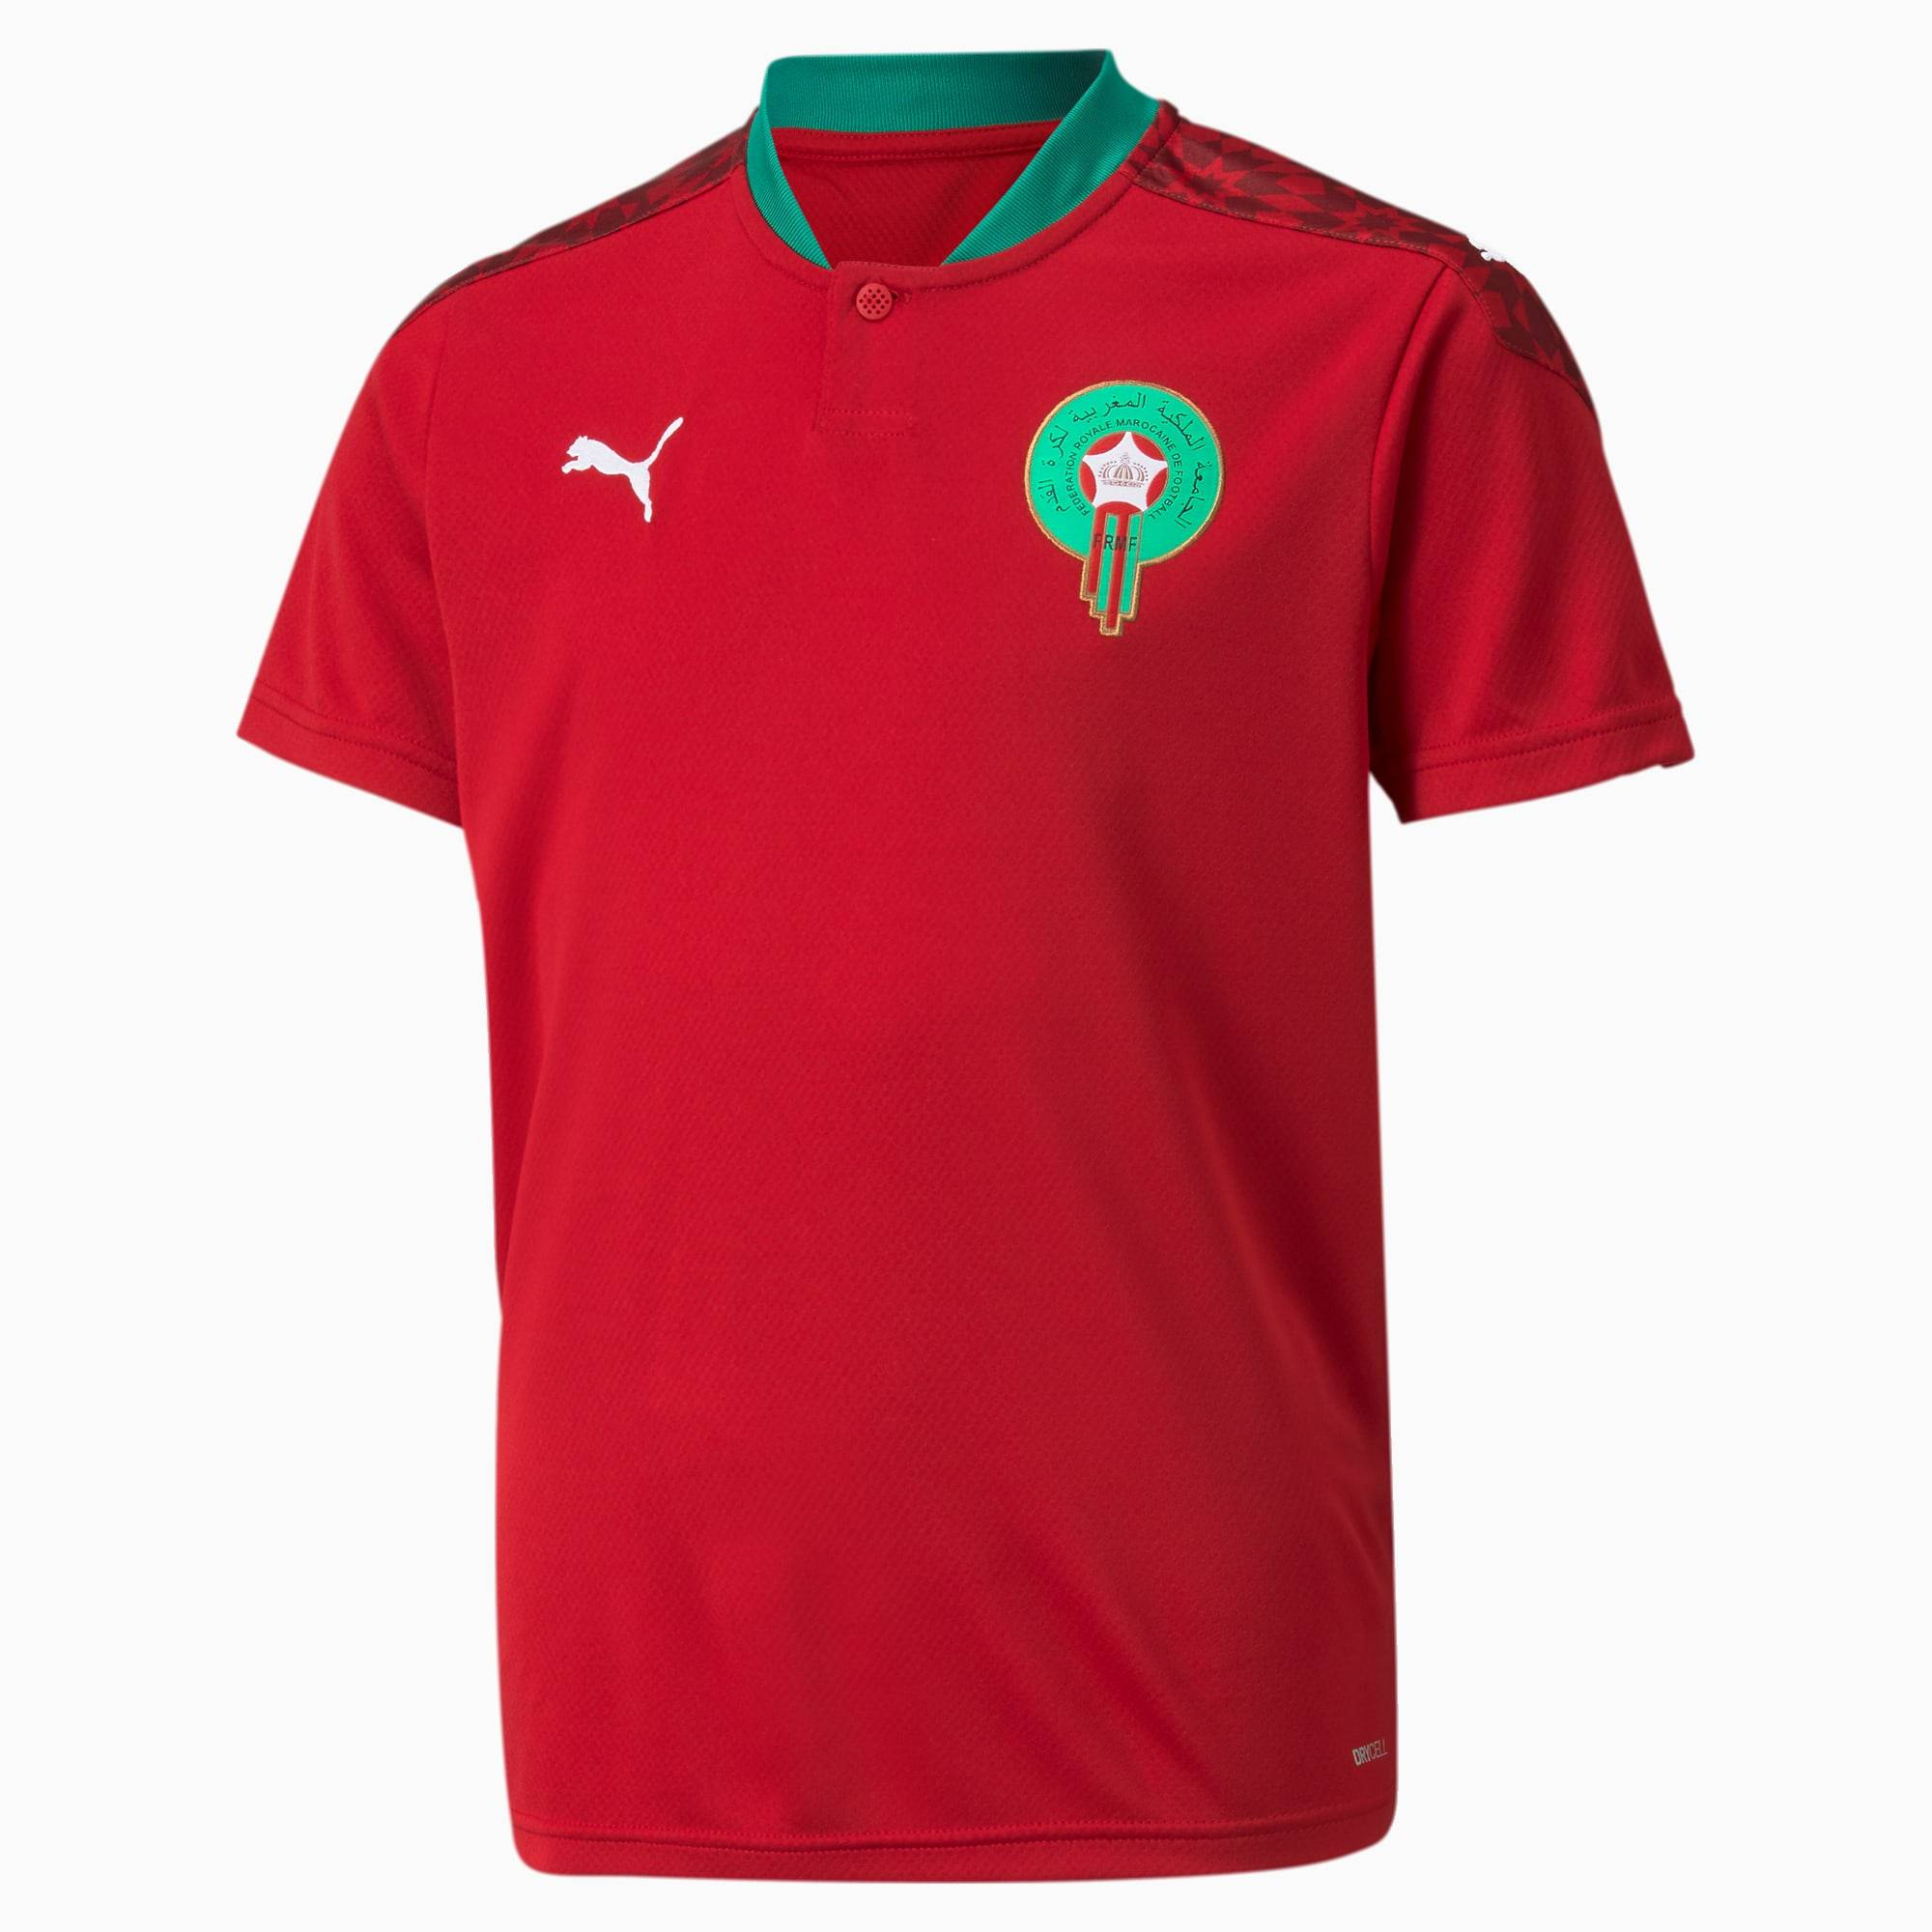 PUMA Maillot Domicile Maroc Youth Replica pour Enfant, Rouge/Blanc, Taille 140, Vêtements